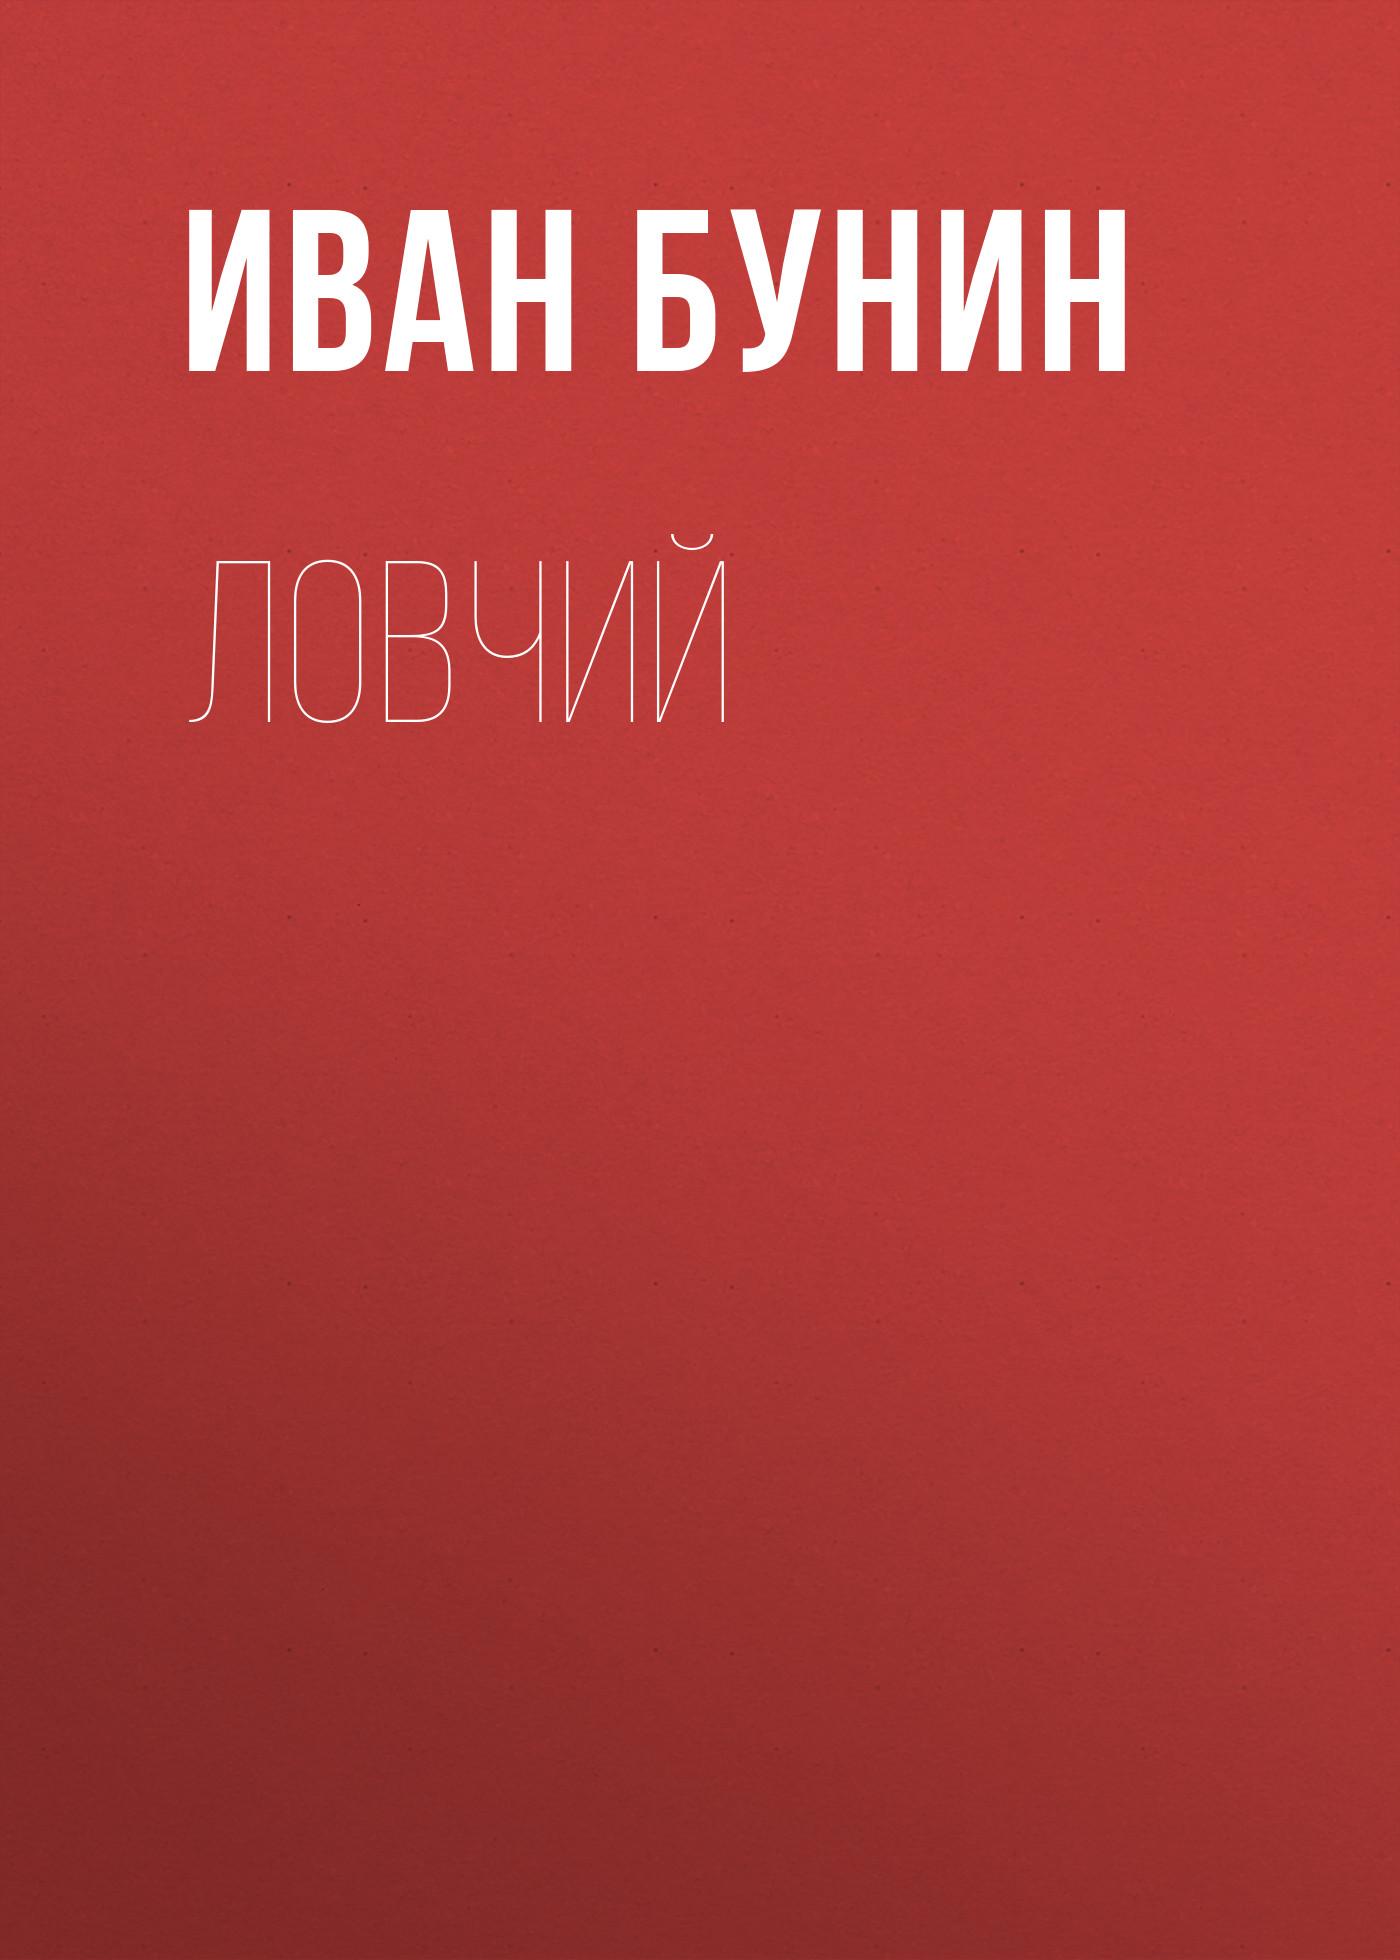 цена на Иван Бунин Ловчий